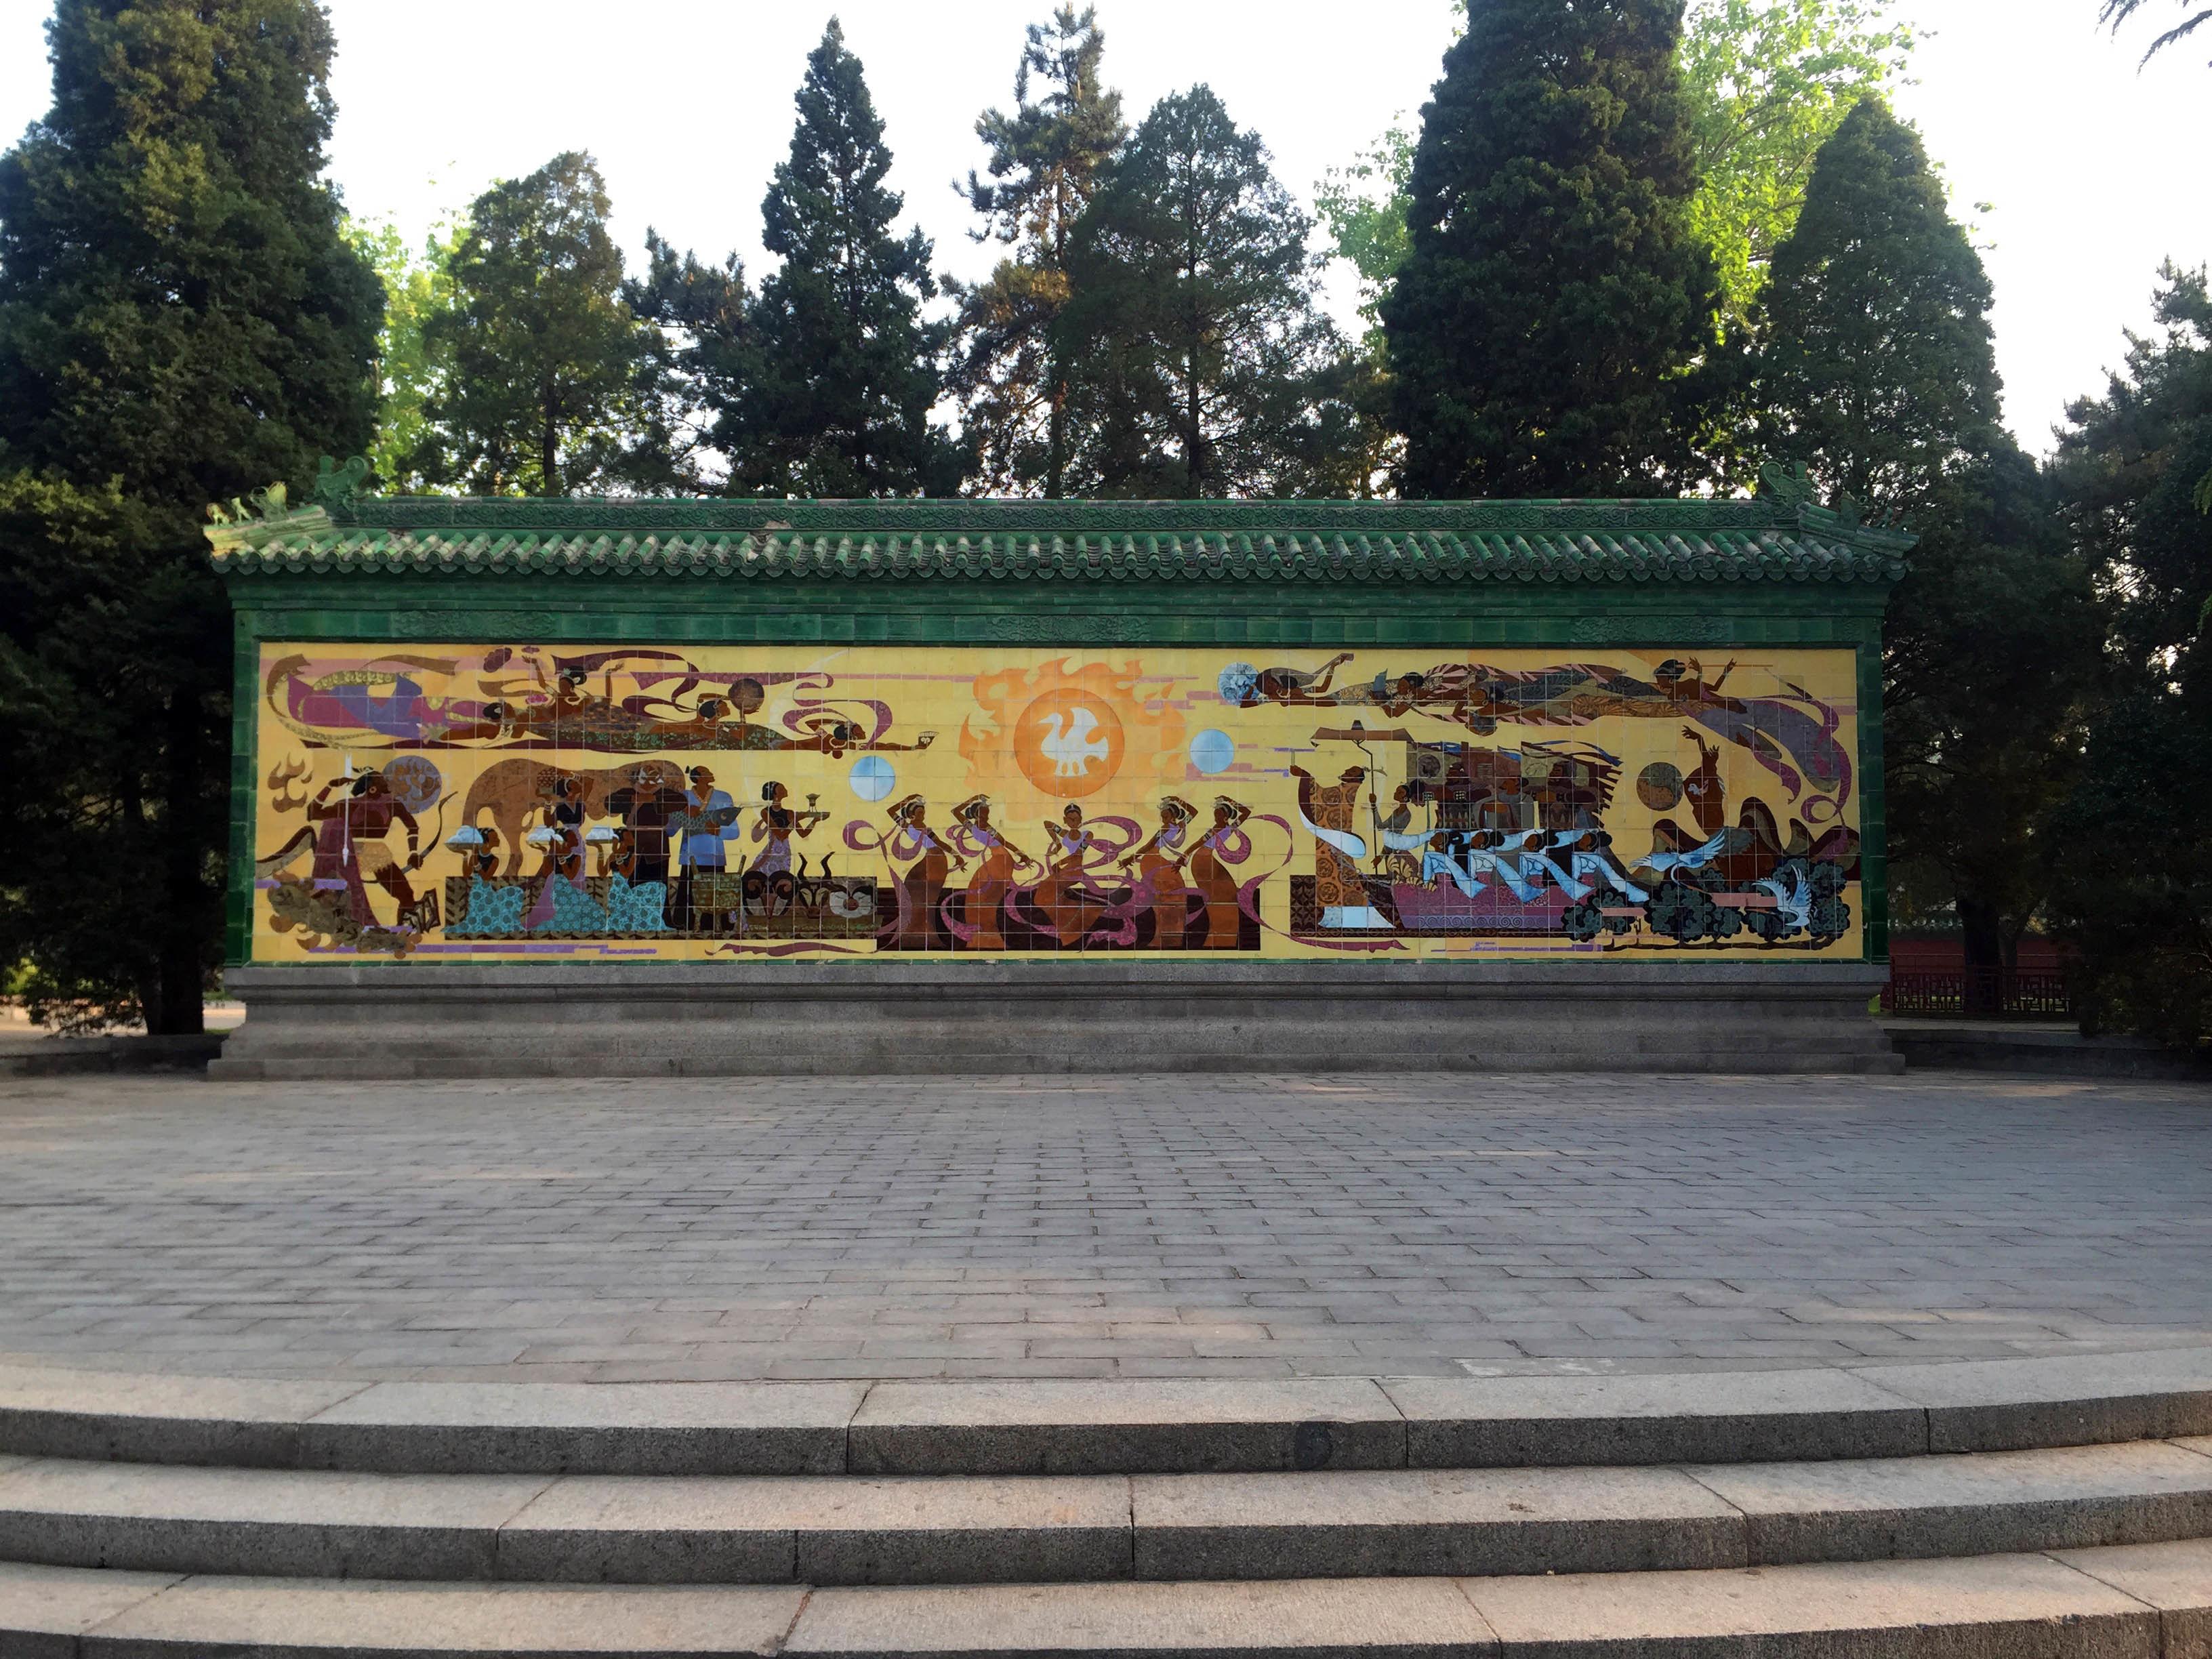 北京市 朝阳区 日坛公园 - 海阔山遥 - .